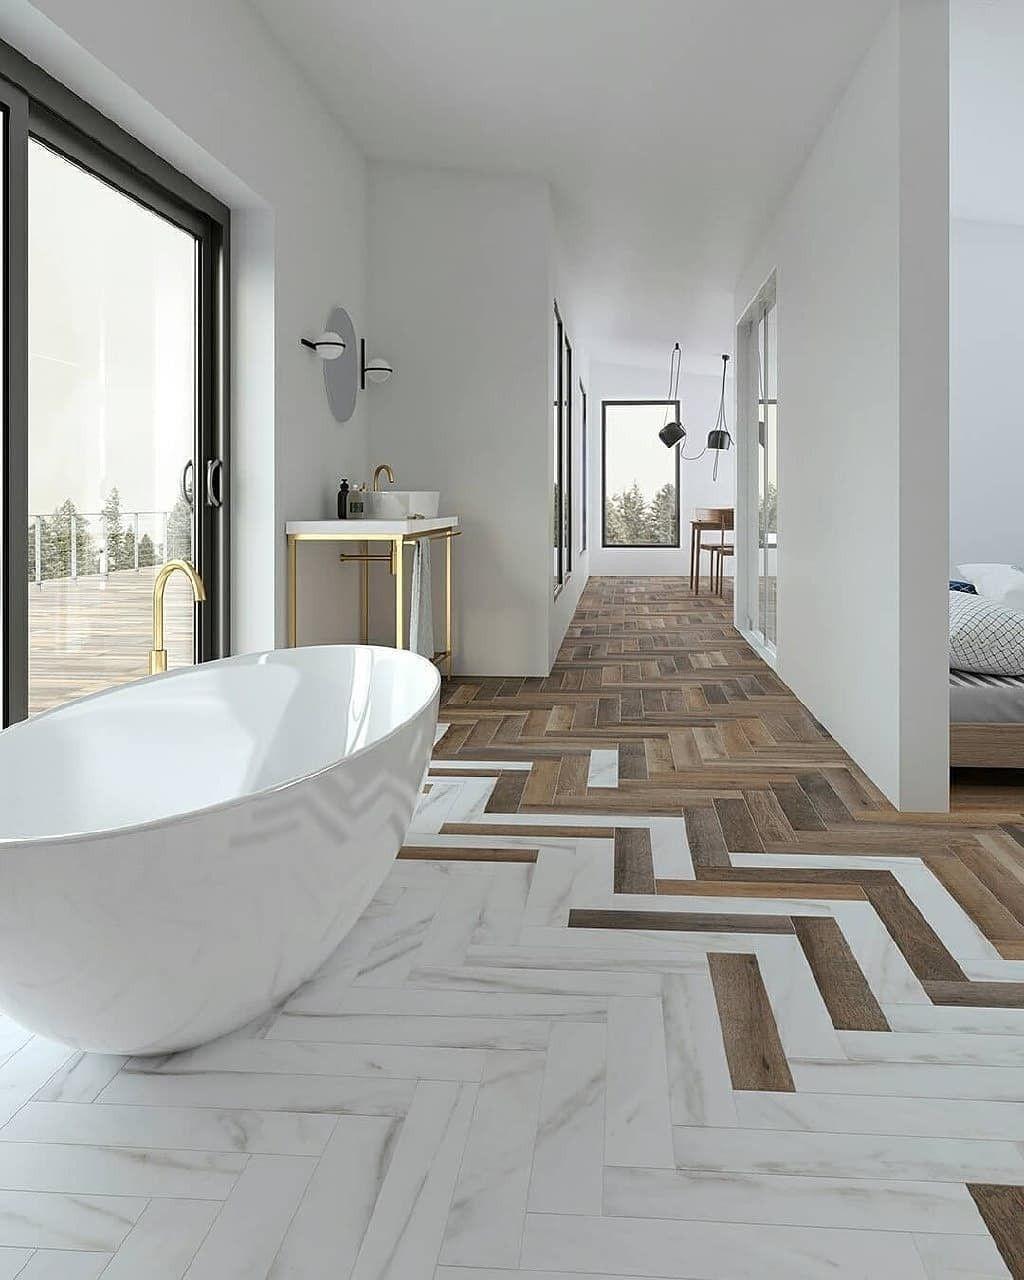 Moderne Luxus Badewanne Mit Aussergewohnlichen Fliesen Schone Badezimmer Modernes Badezimmerdesign Design Fur Zuhause